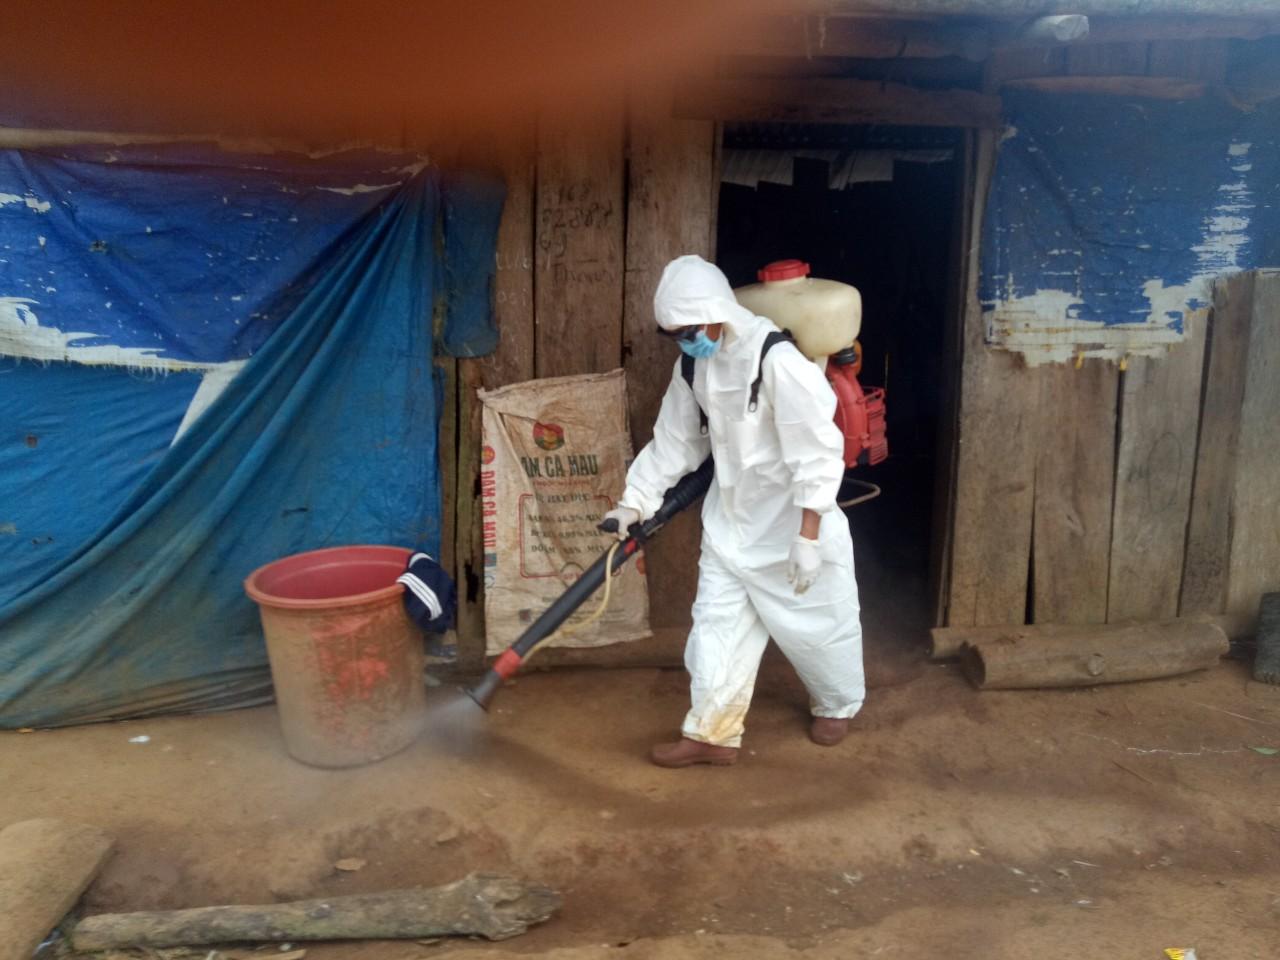 Tỉnh Đắk Nông ghi nhận 3 người trong 1 gia đình về từ vùng dịch dương tính với SARS-CoV-2